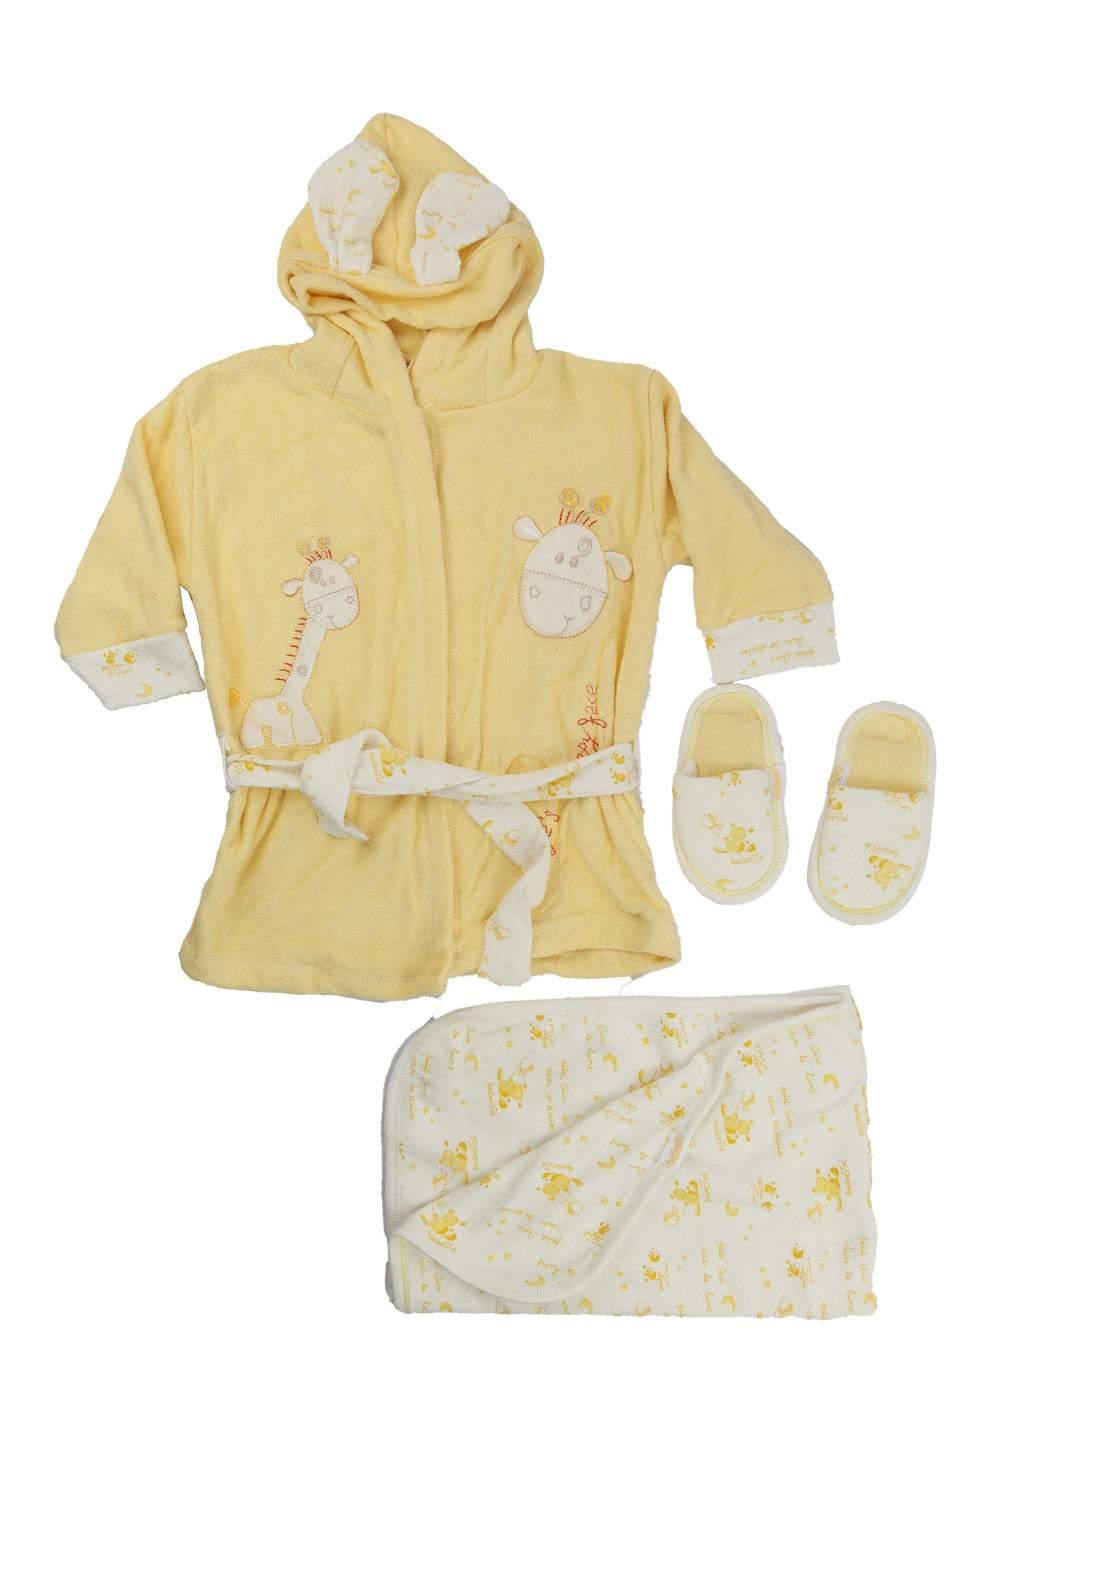 سيت روب استحمام للاطفال اصفر اللون   189